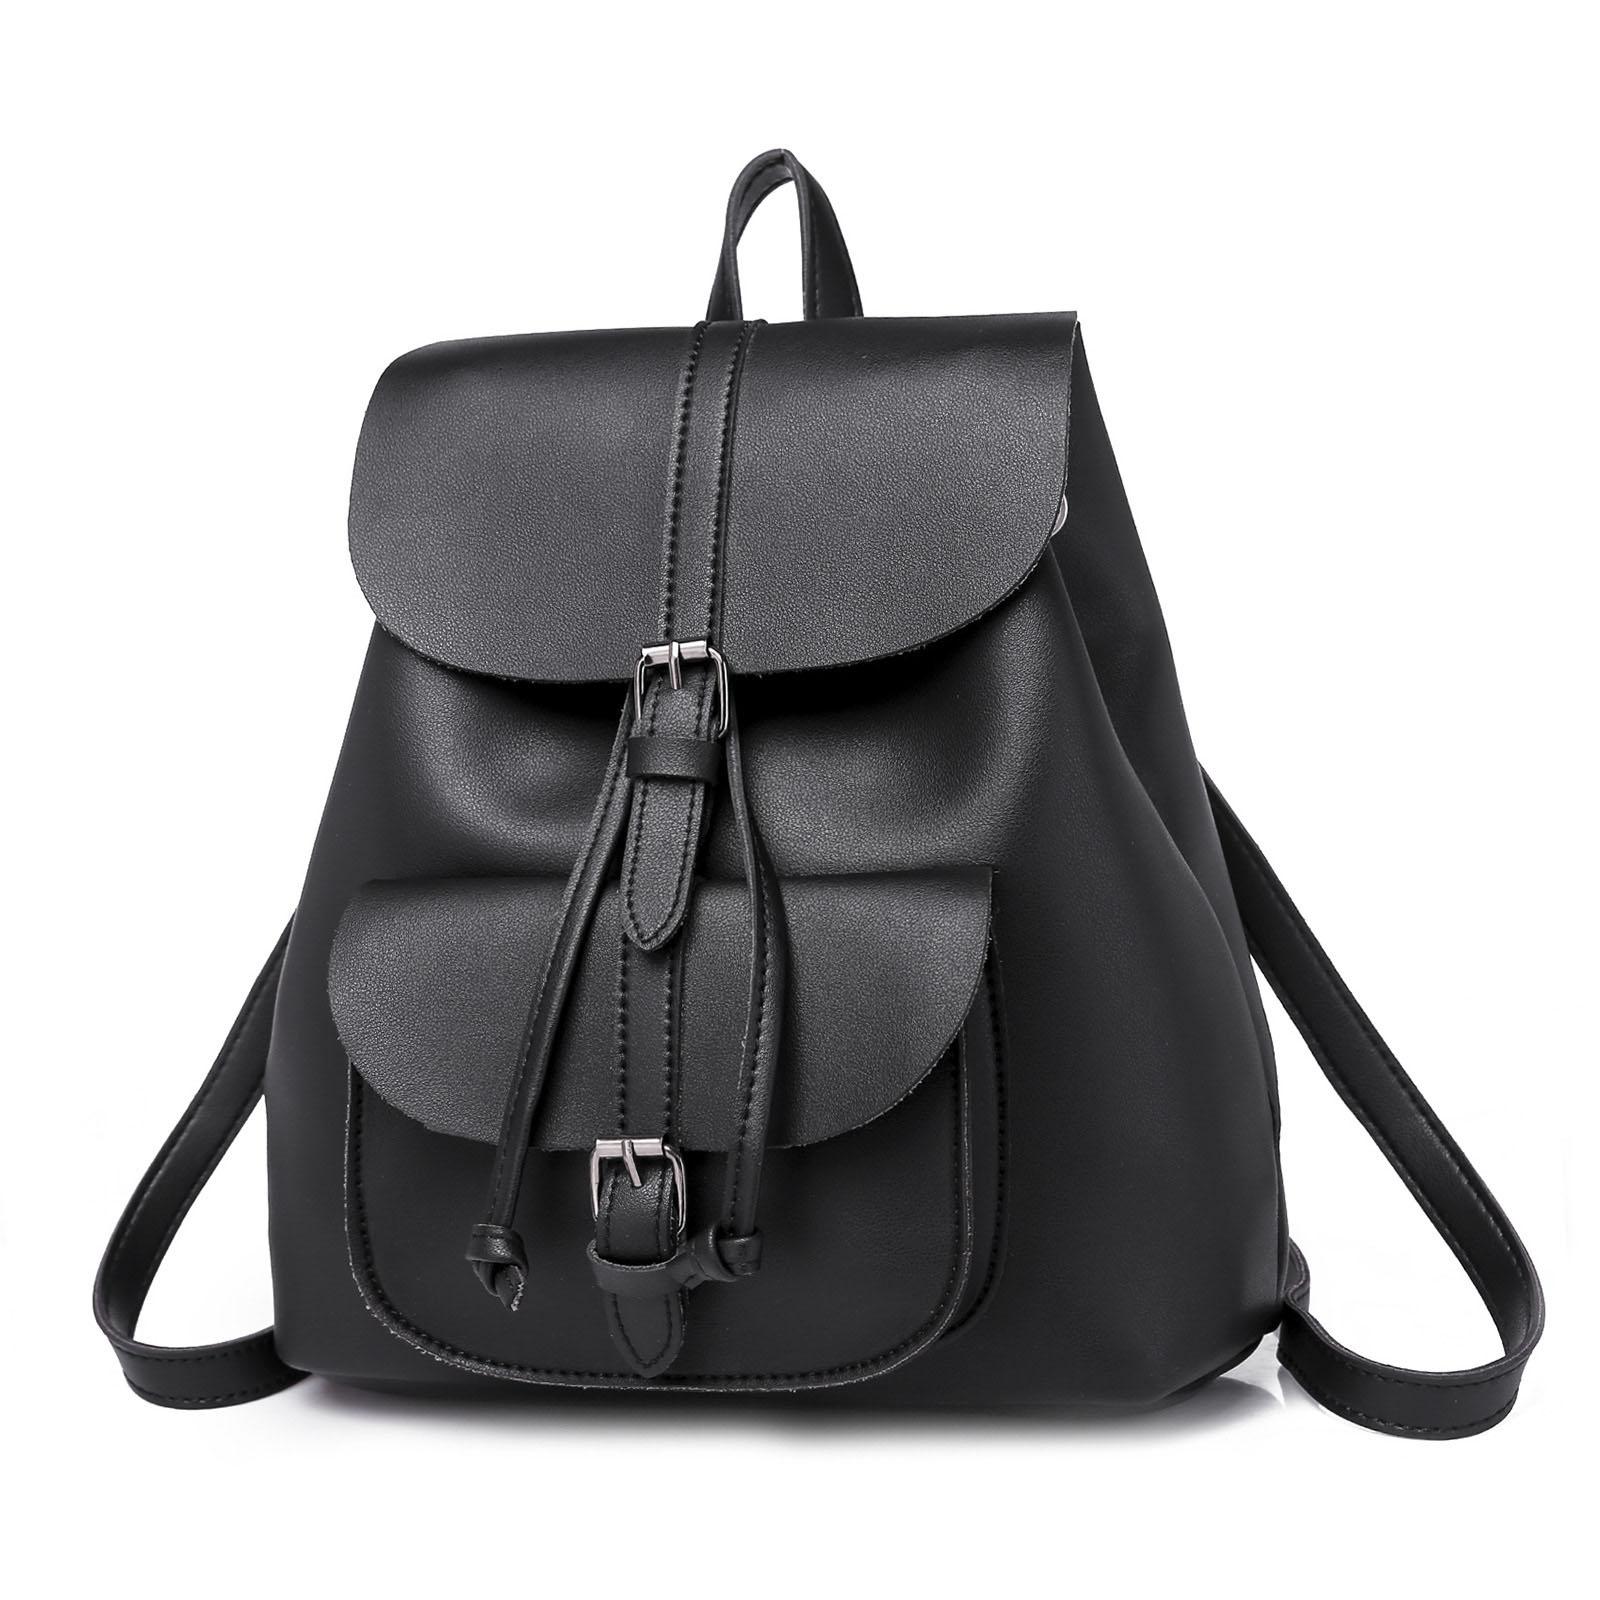 2f9341bc69c6 FGGS-женский рюкзак, Модный повседневный рюкзак из искусственной кожи на  плечо в стиле ретро